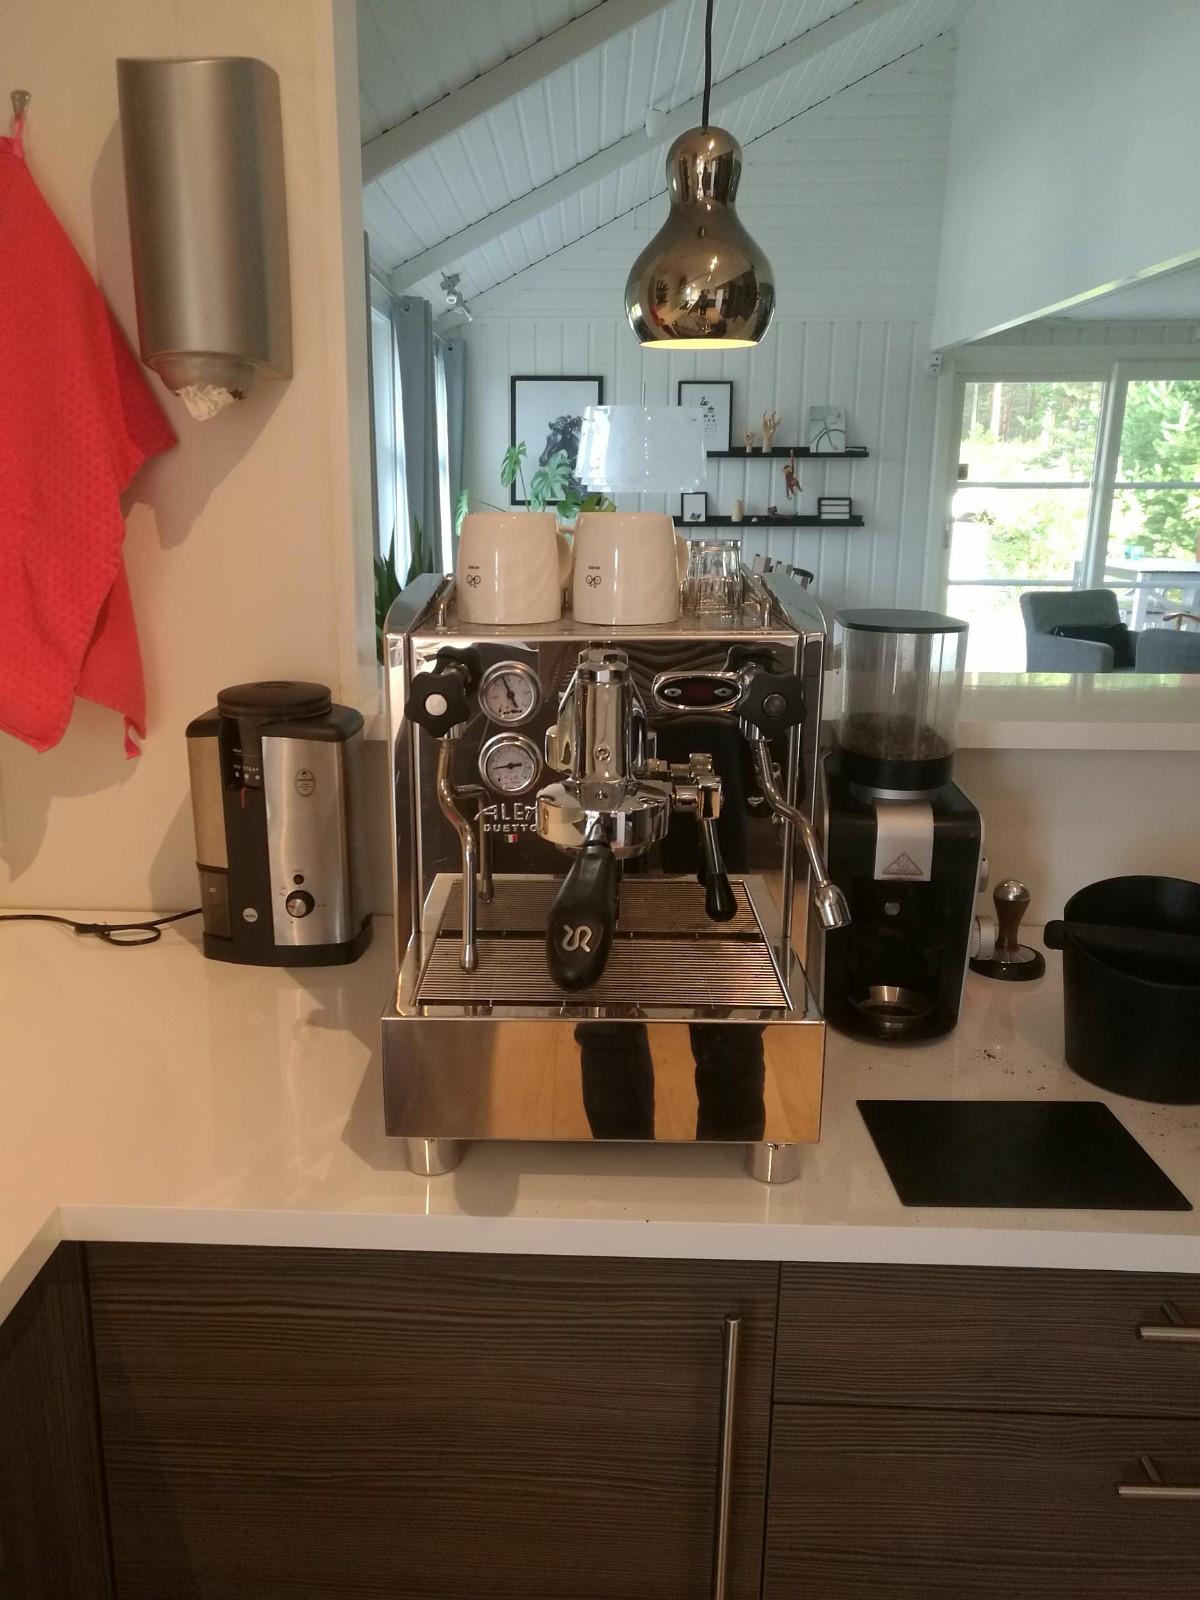 Alex Duetto III double boiler PID - Elverum  - Vurder å selge en Alex duetto III espressomaskin. Dette er en high end kaffemaskin for hjemmebruk. I tillegg il PID for nøyaktig temperaturstyring had den 2 kokere slik at man kan steame melk og lage espresso samtidig eller om en annen. Den k - Elverum